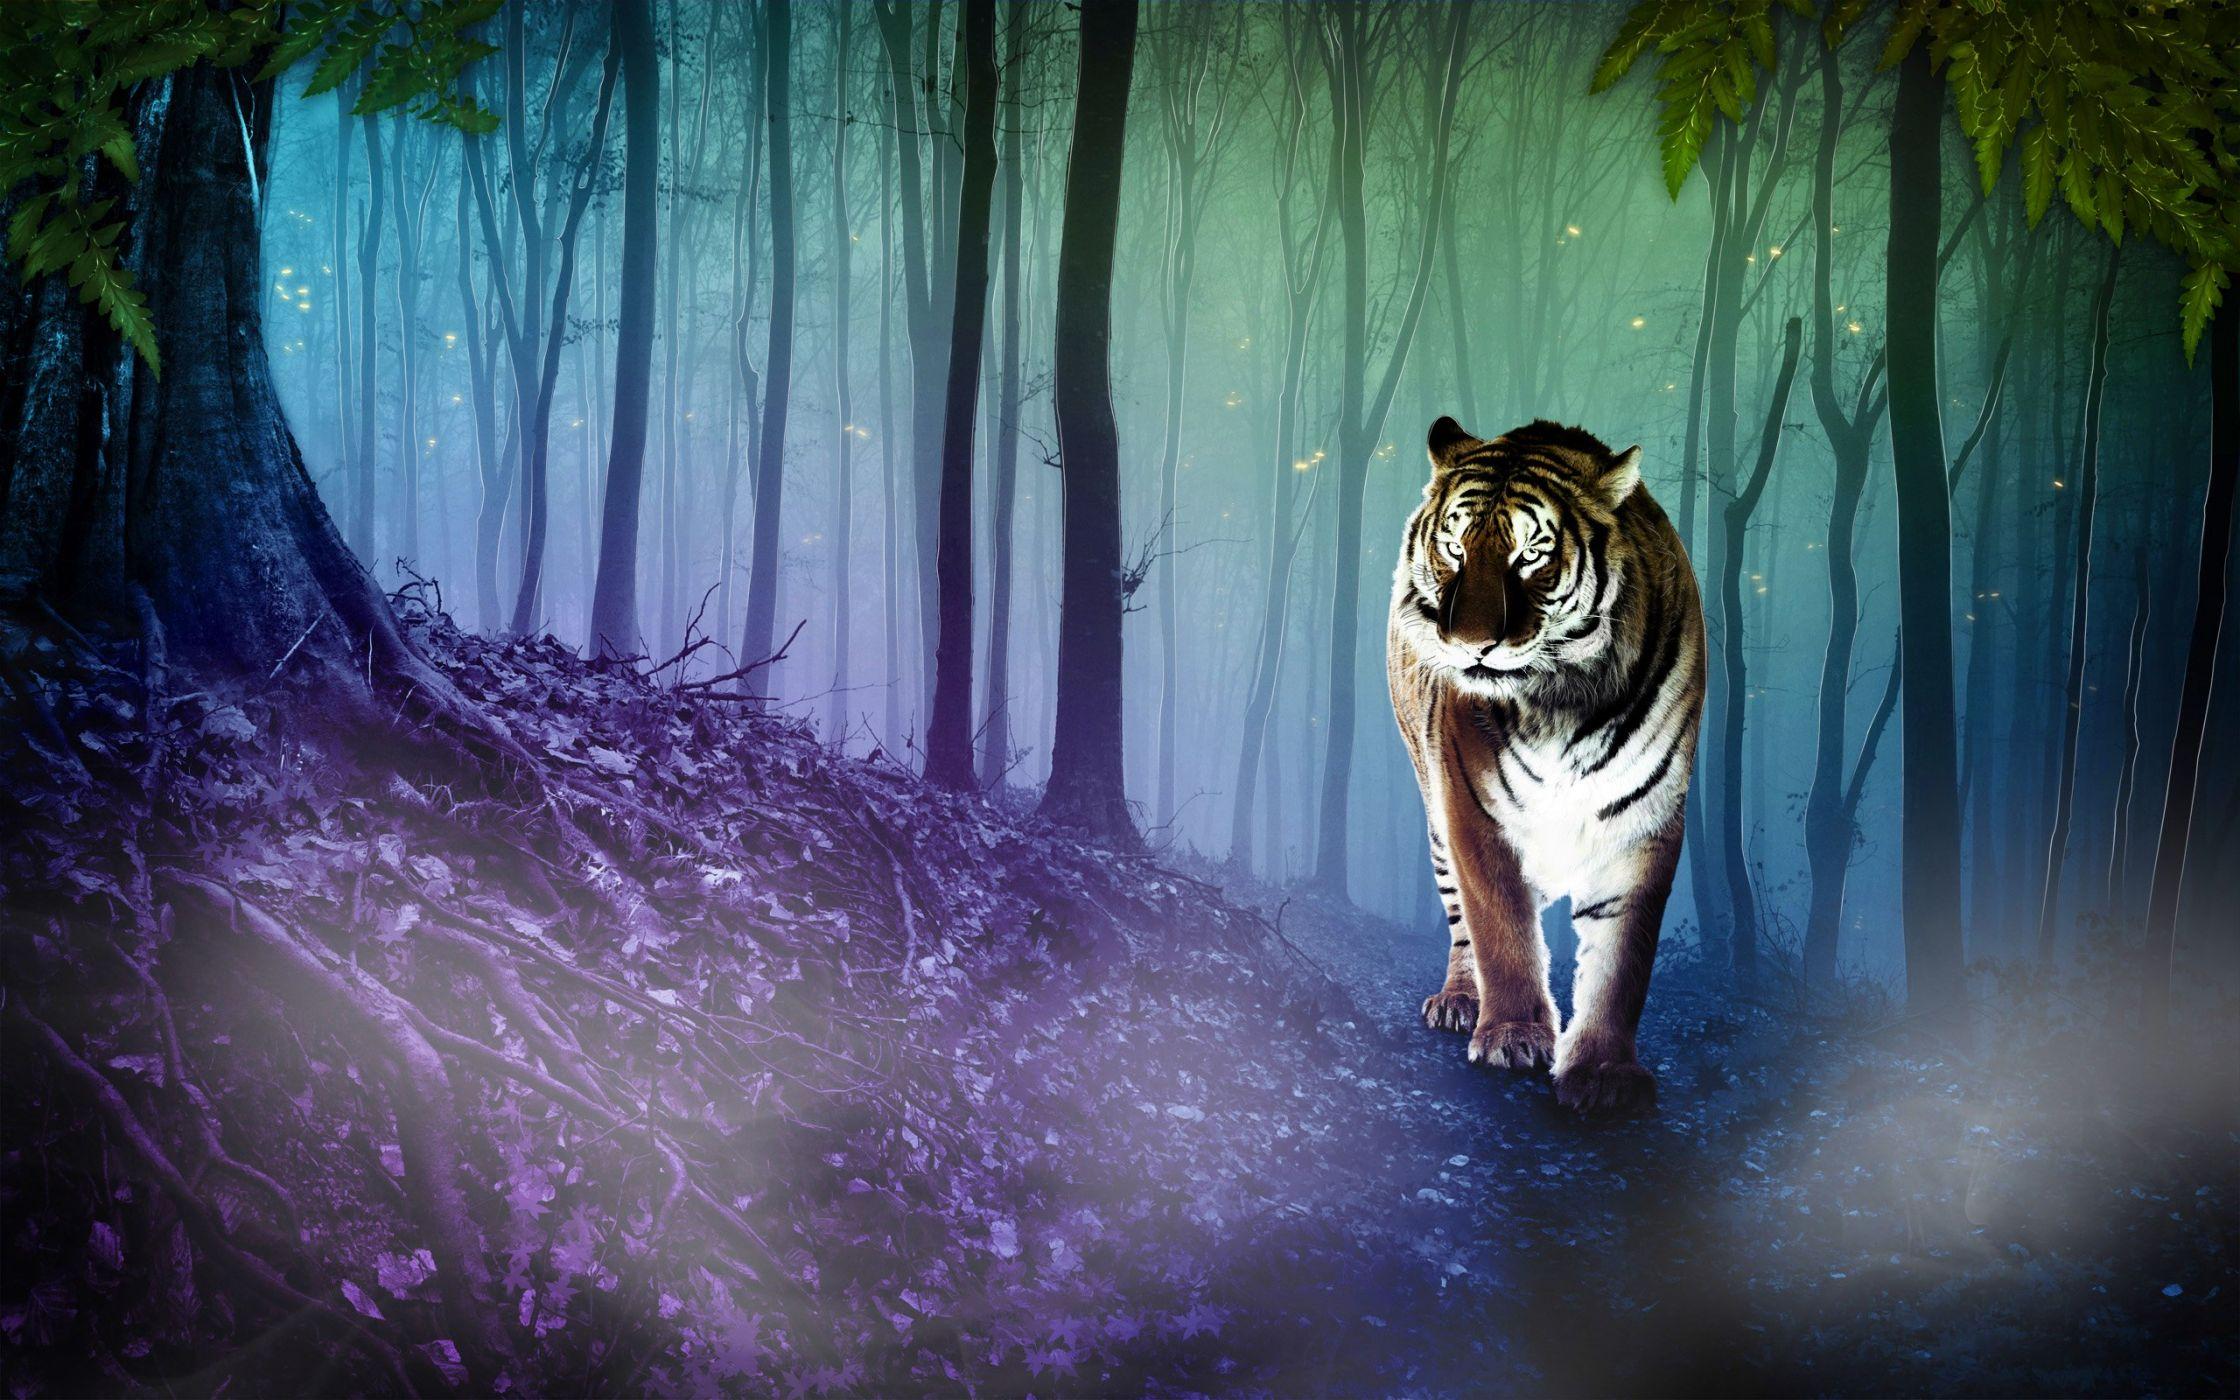 да, картинки на рабочий стол тигры волки протяжении всего периода